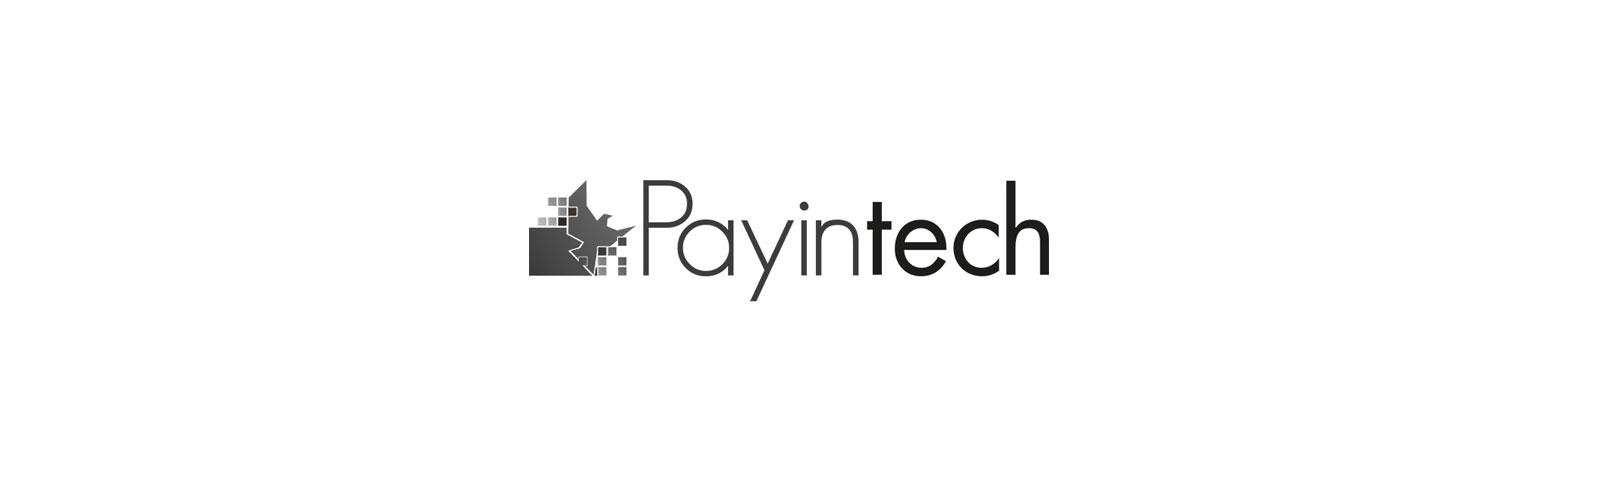 payintech-banner